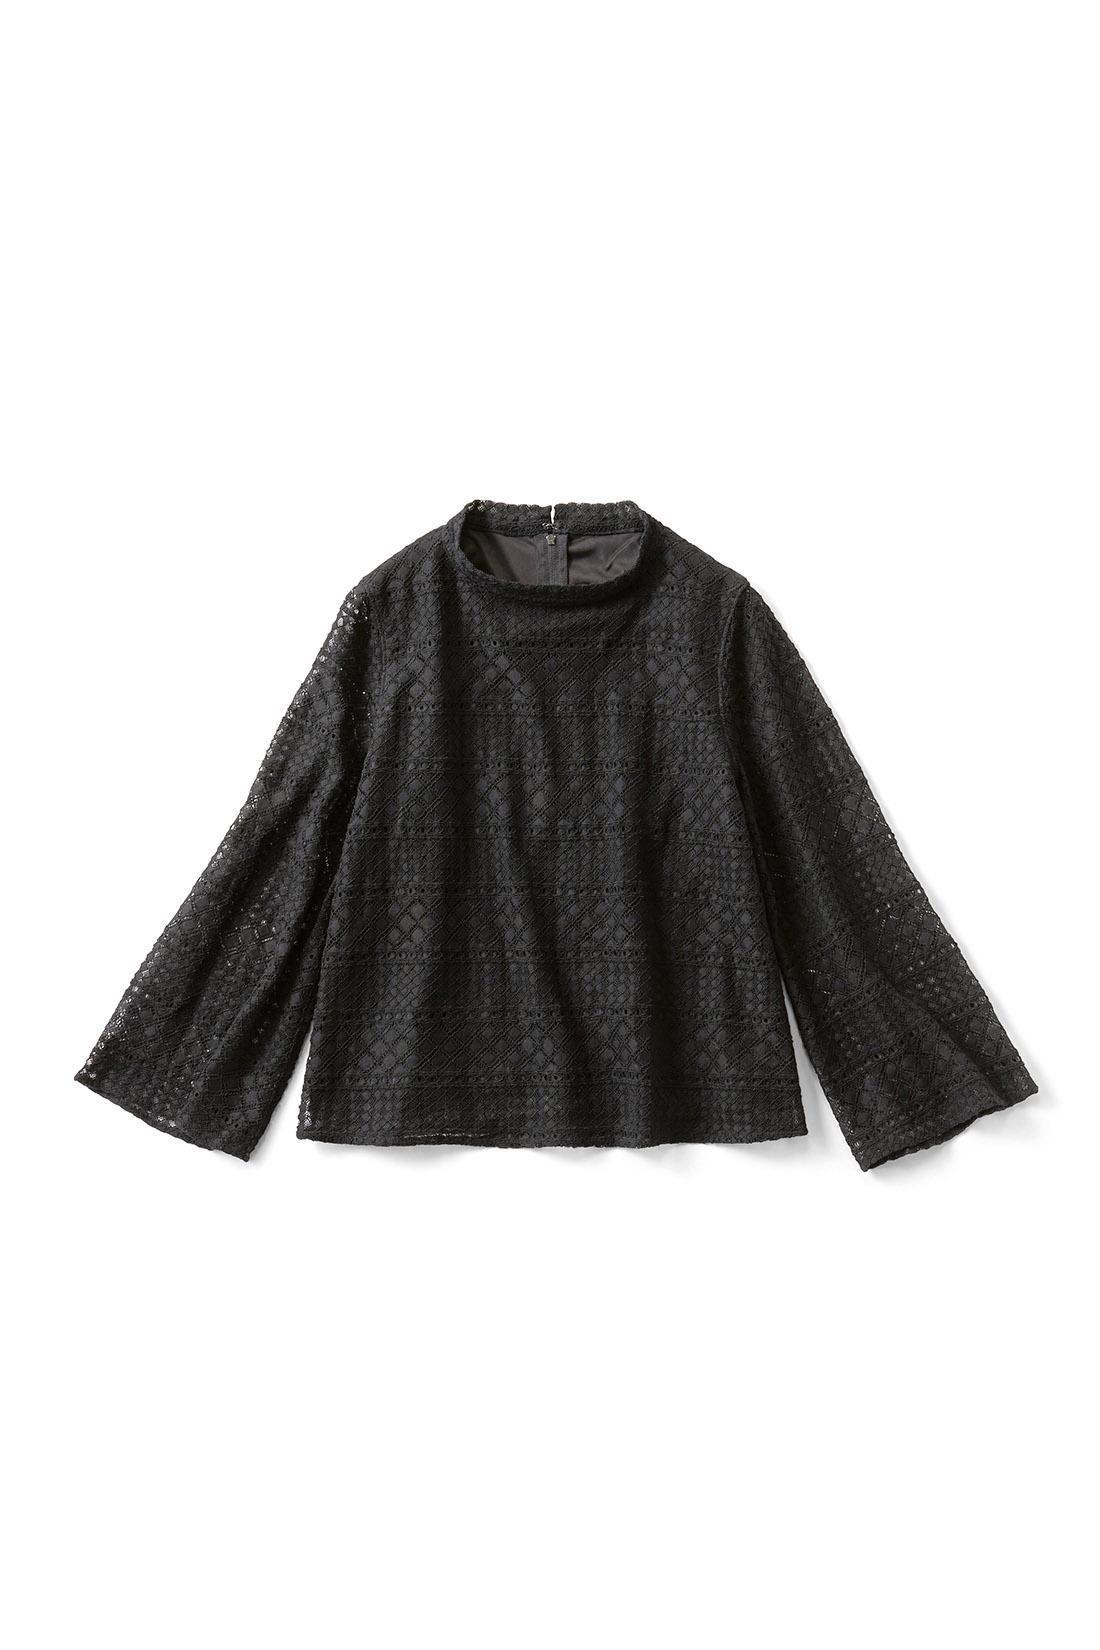 〈ブラック〉 袖の部分は、スケスケなの。